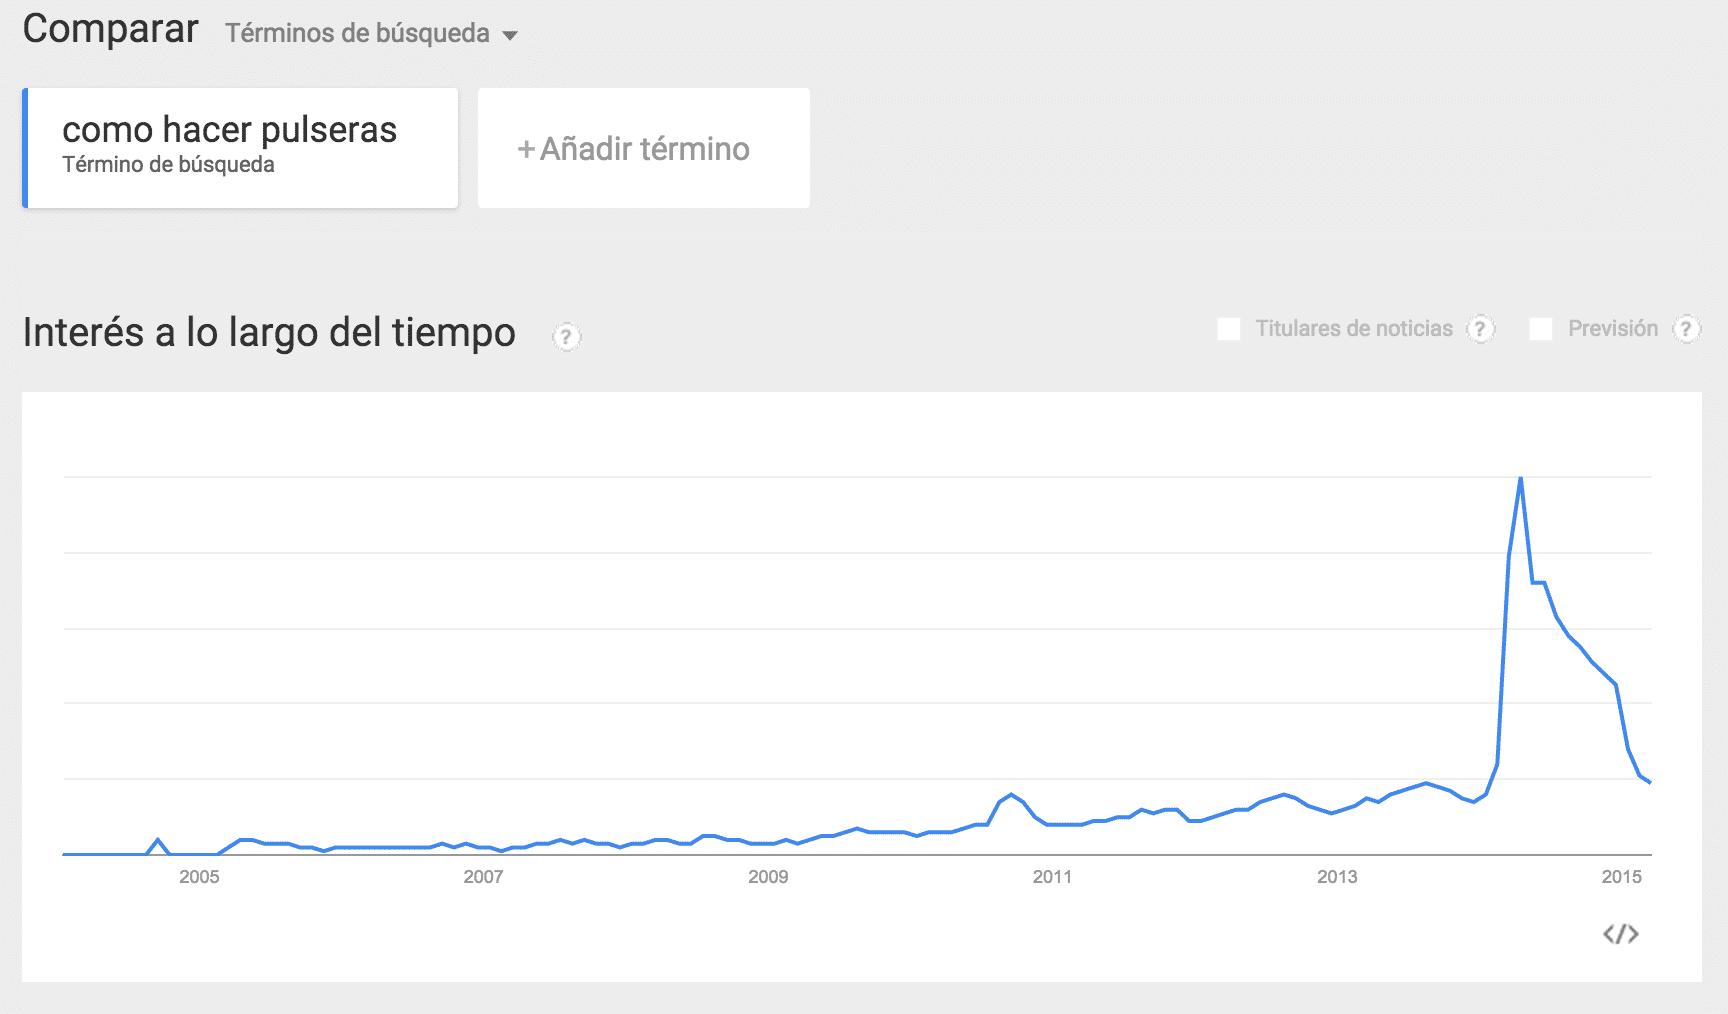 Trend de tendencia descendiente en búsquedas